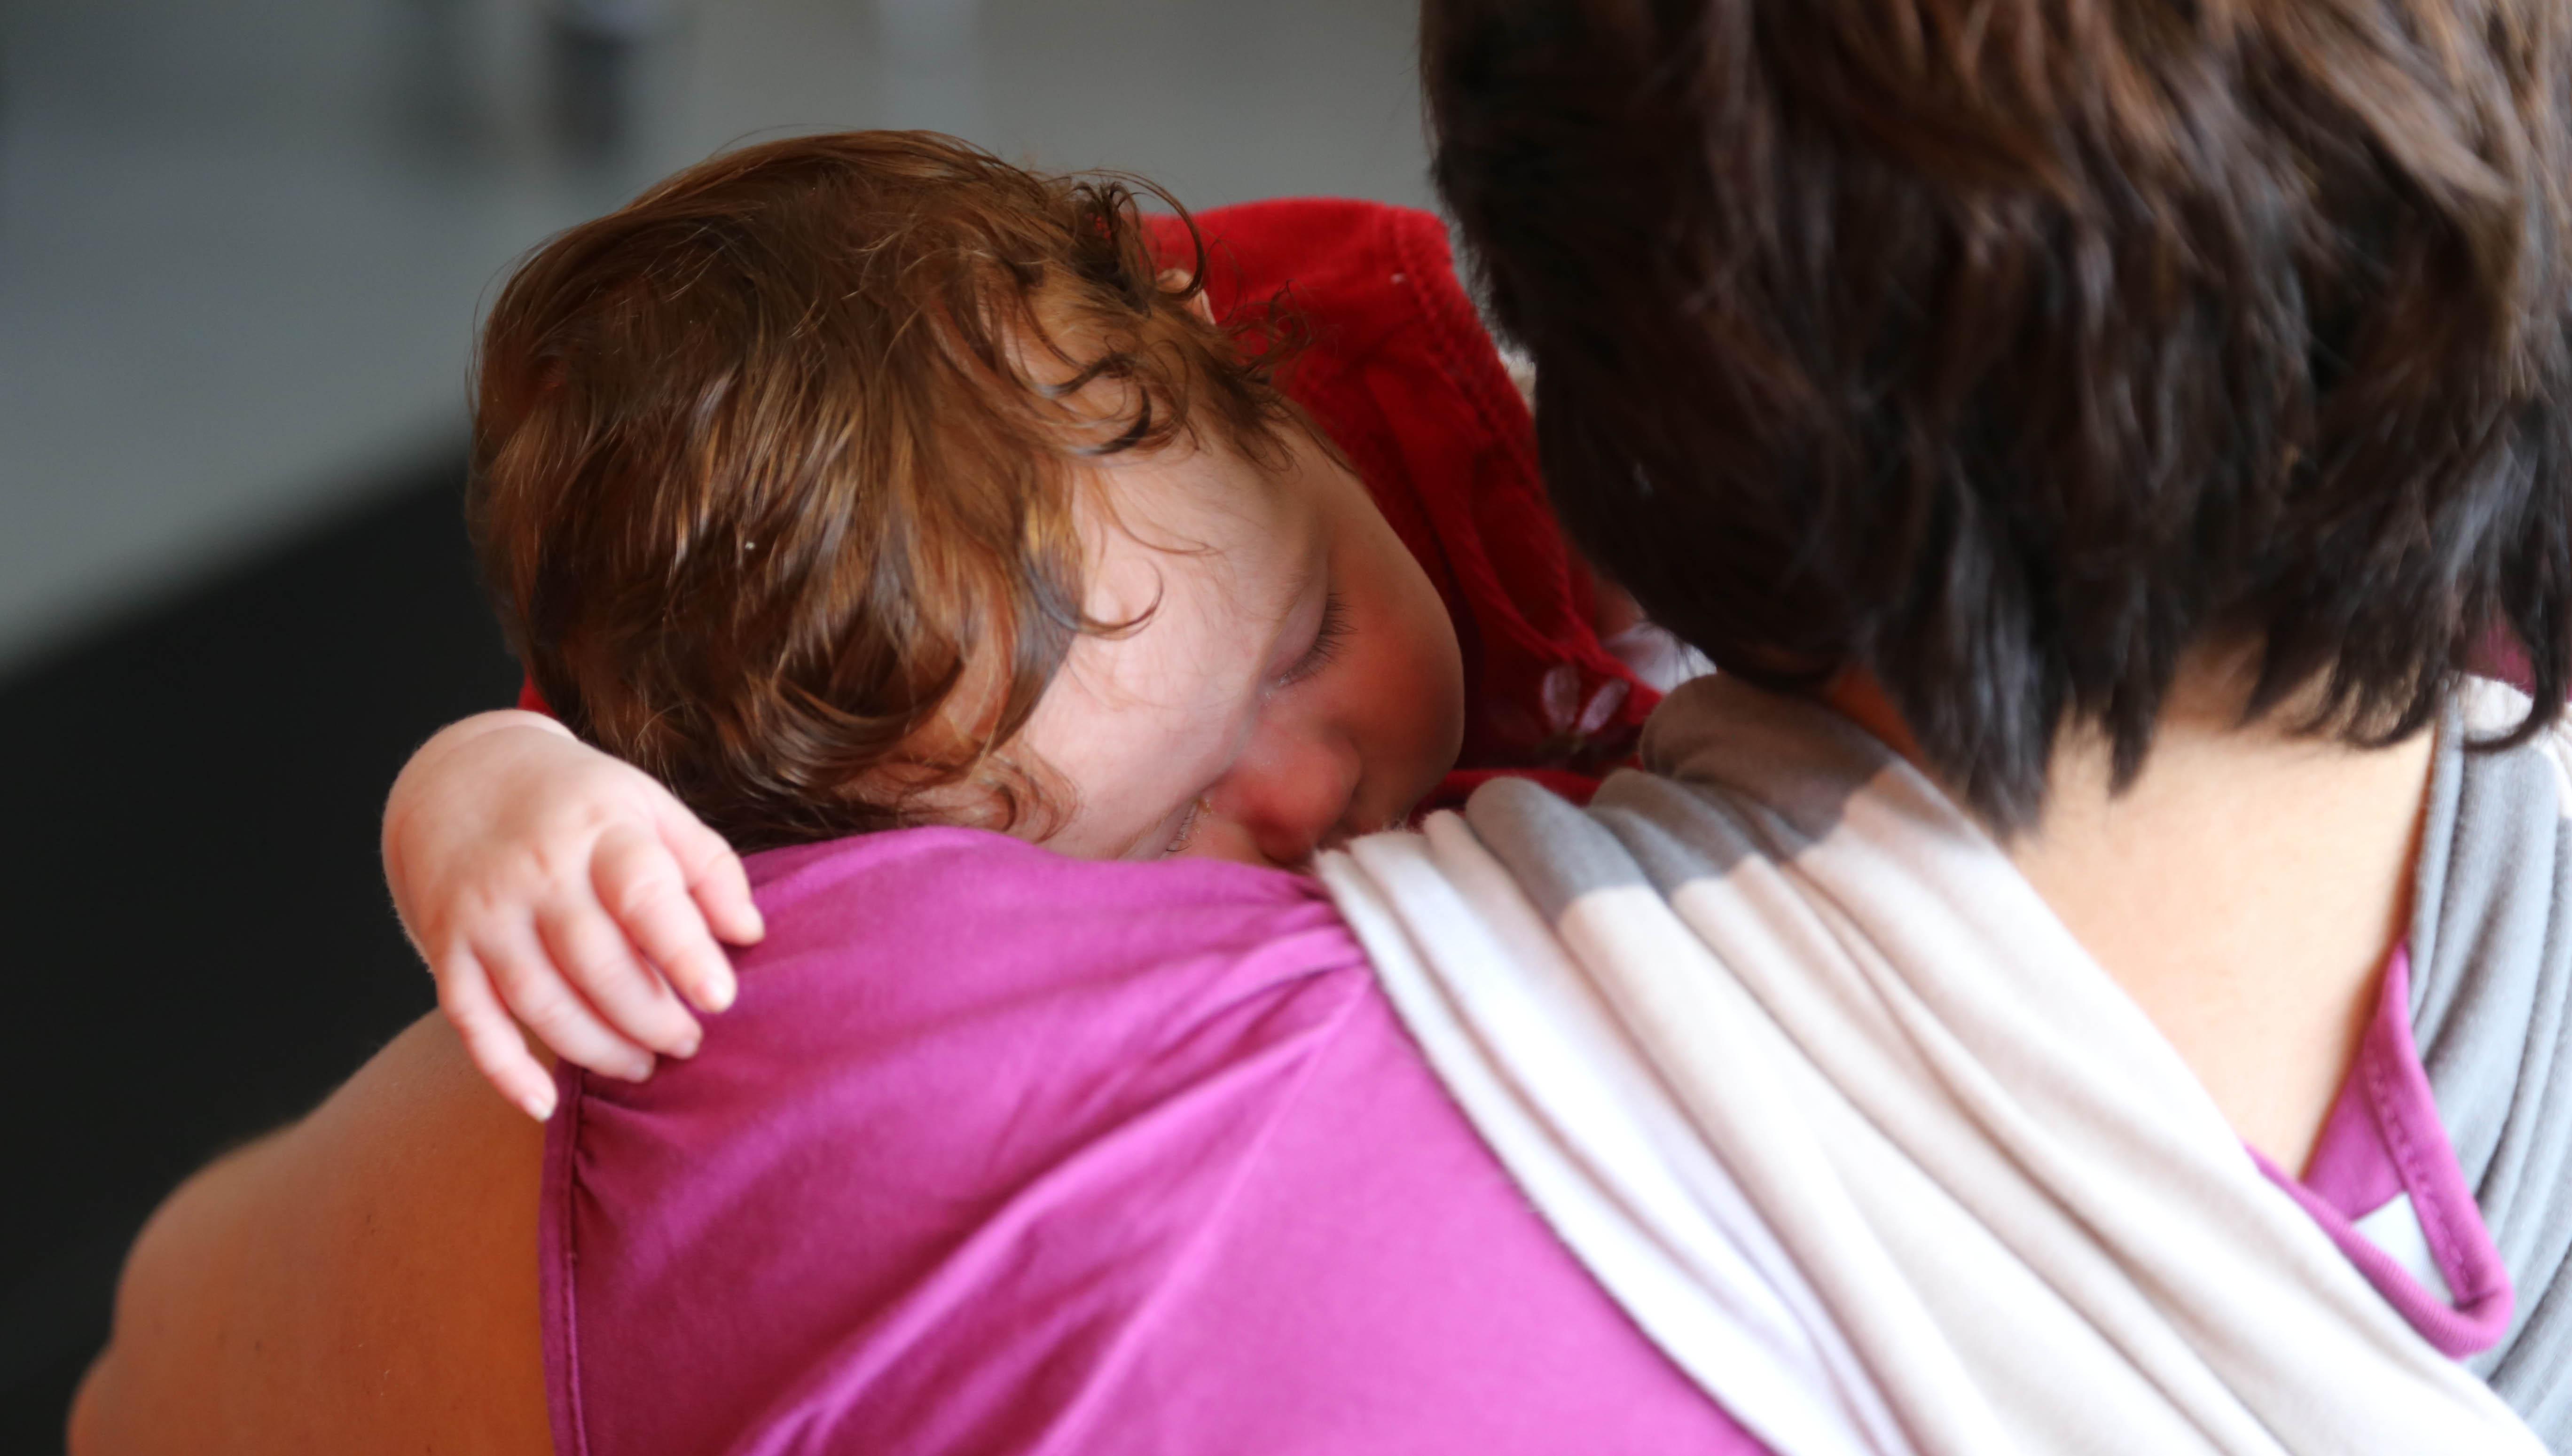 Revisió grupal dels 18 mesos- Pediatria Vallcarca - Sant Gervasi